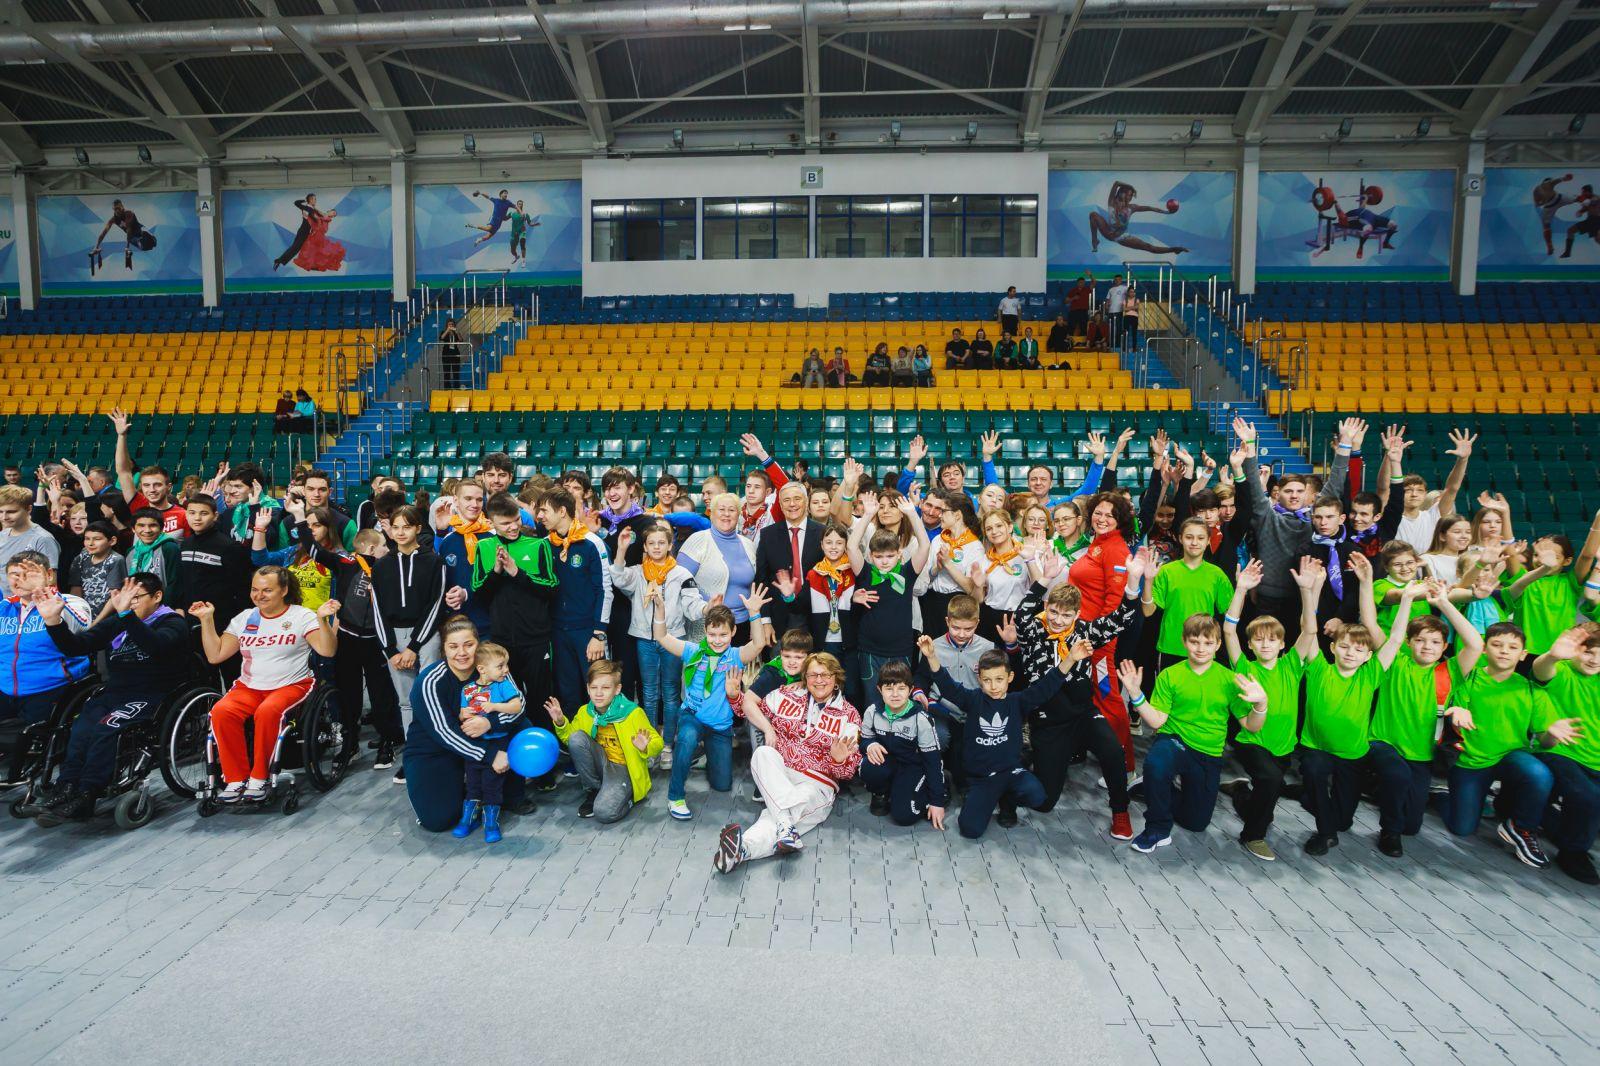 Более 80 детей-инвалидов вышли на зарядку с чемпионами Паралимпийских игр, чемпионатов мира и Европы в Ханты-Мансийске